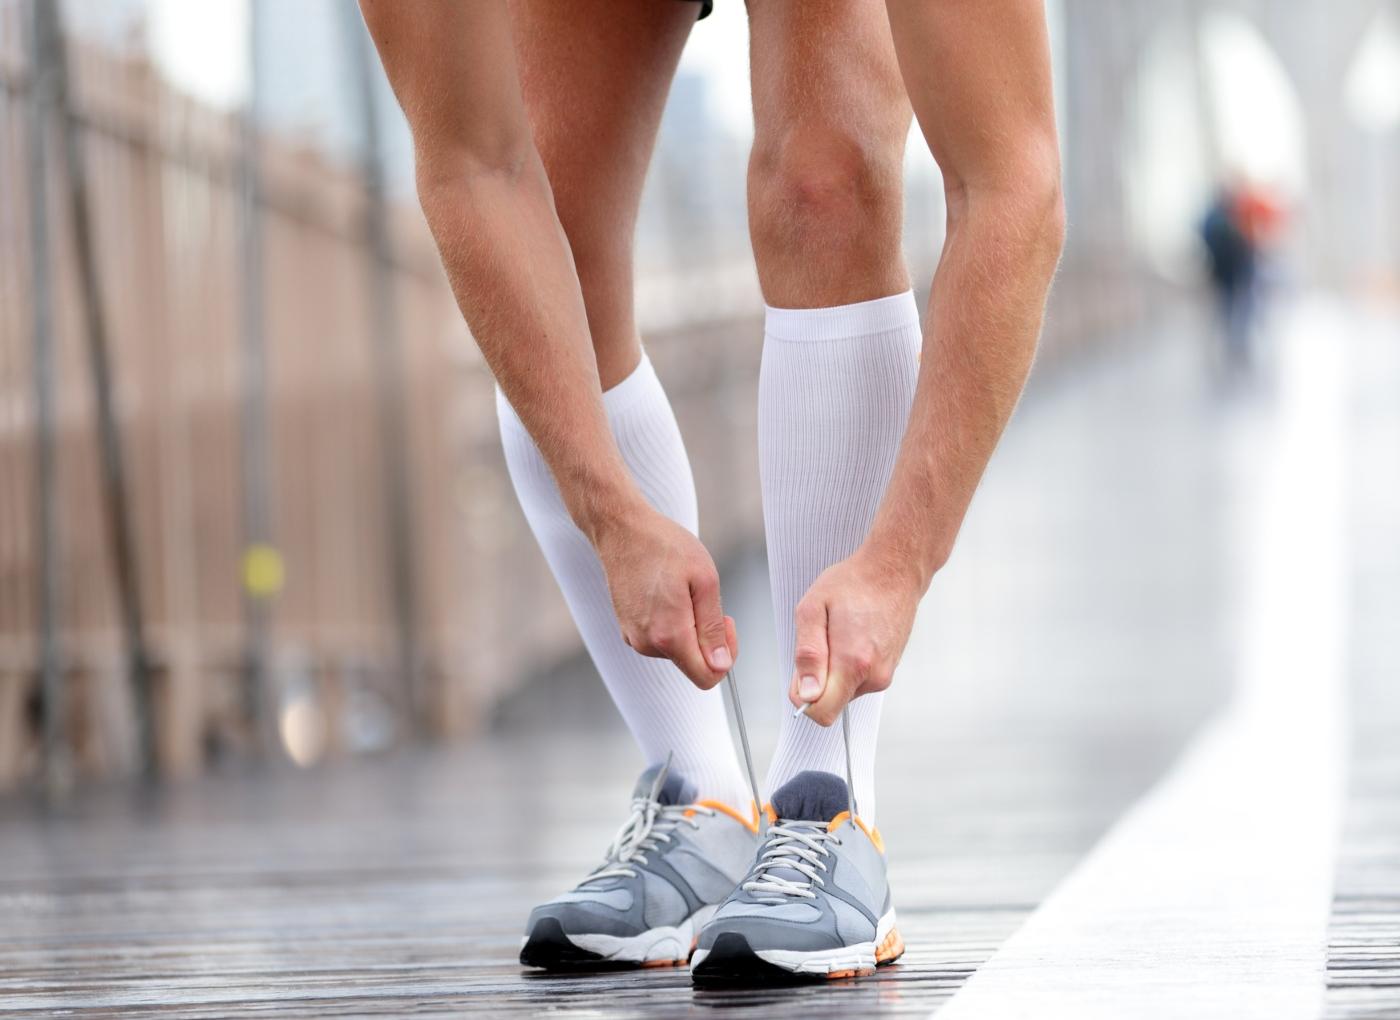 Estratégias de recuperação muscular